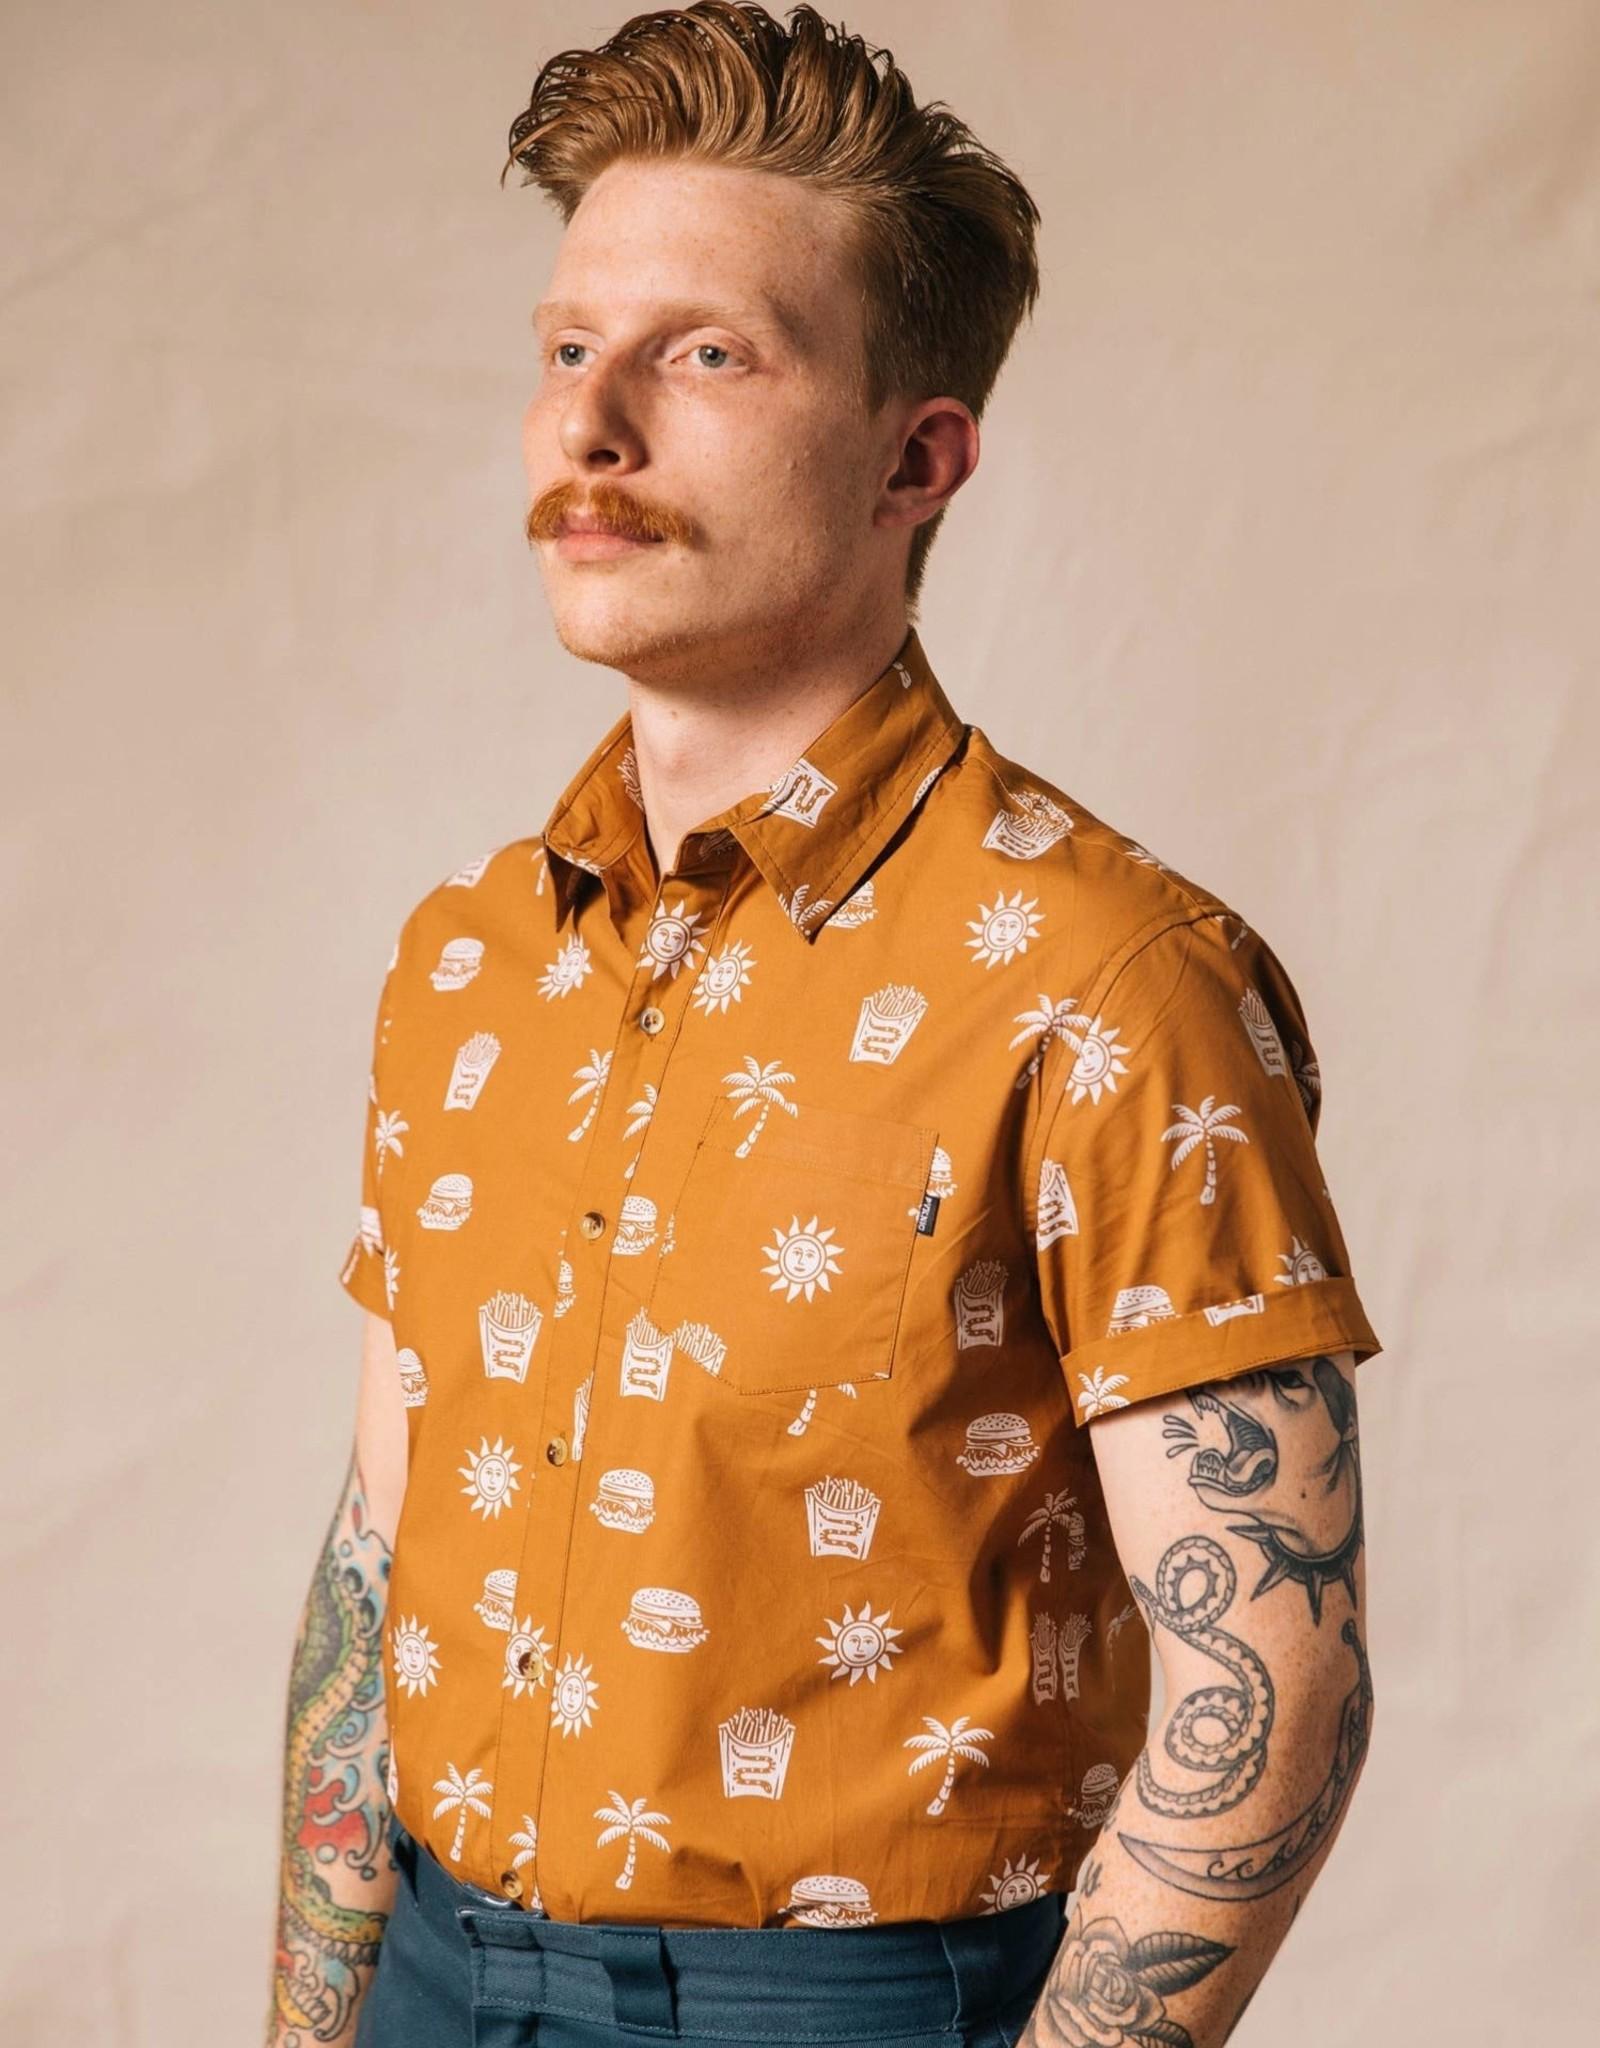 Pyknic Pyknic Take It Greasy Button-up Shirt